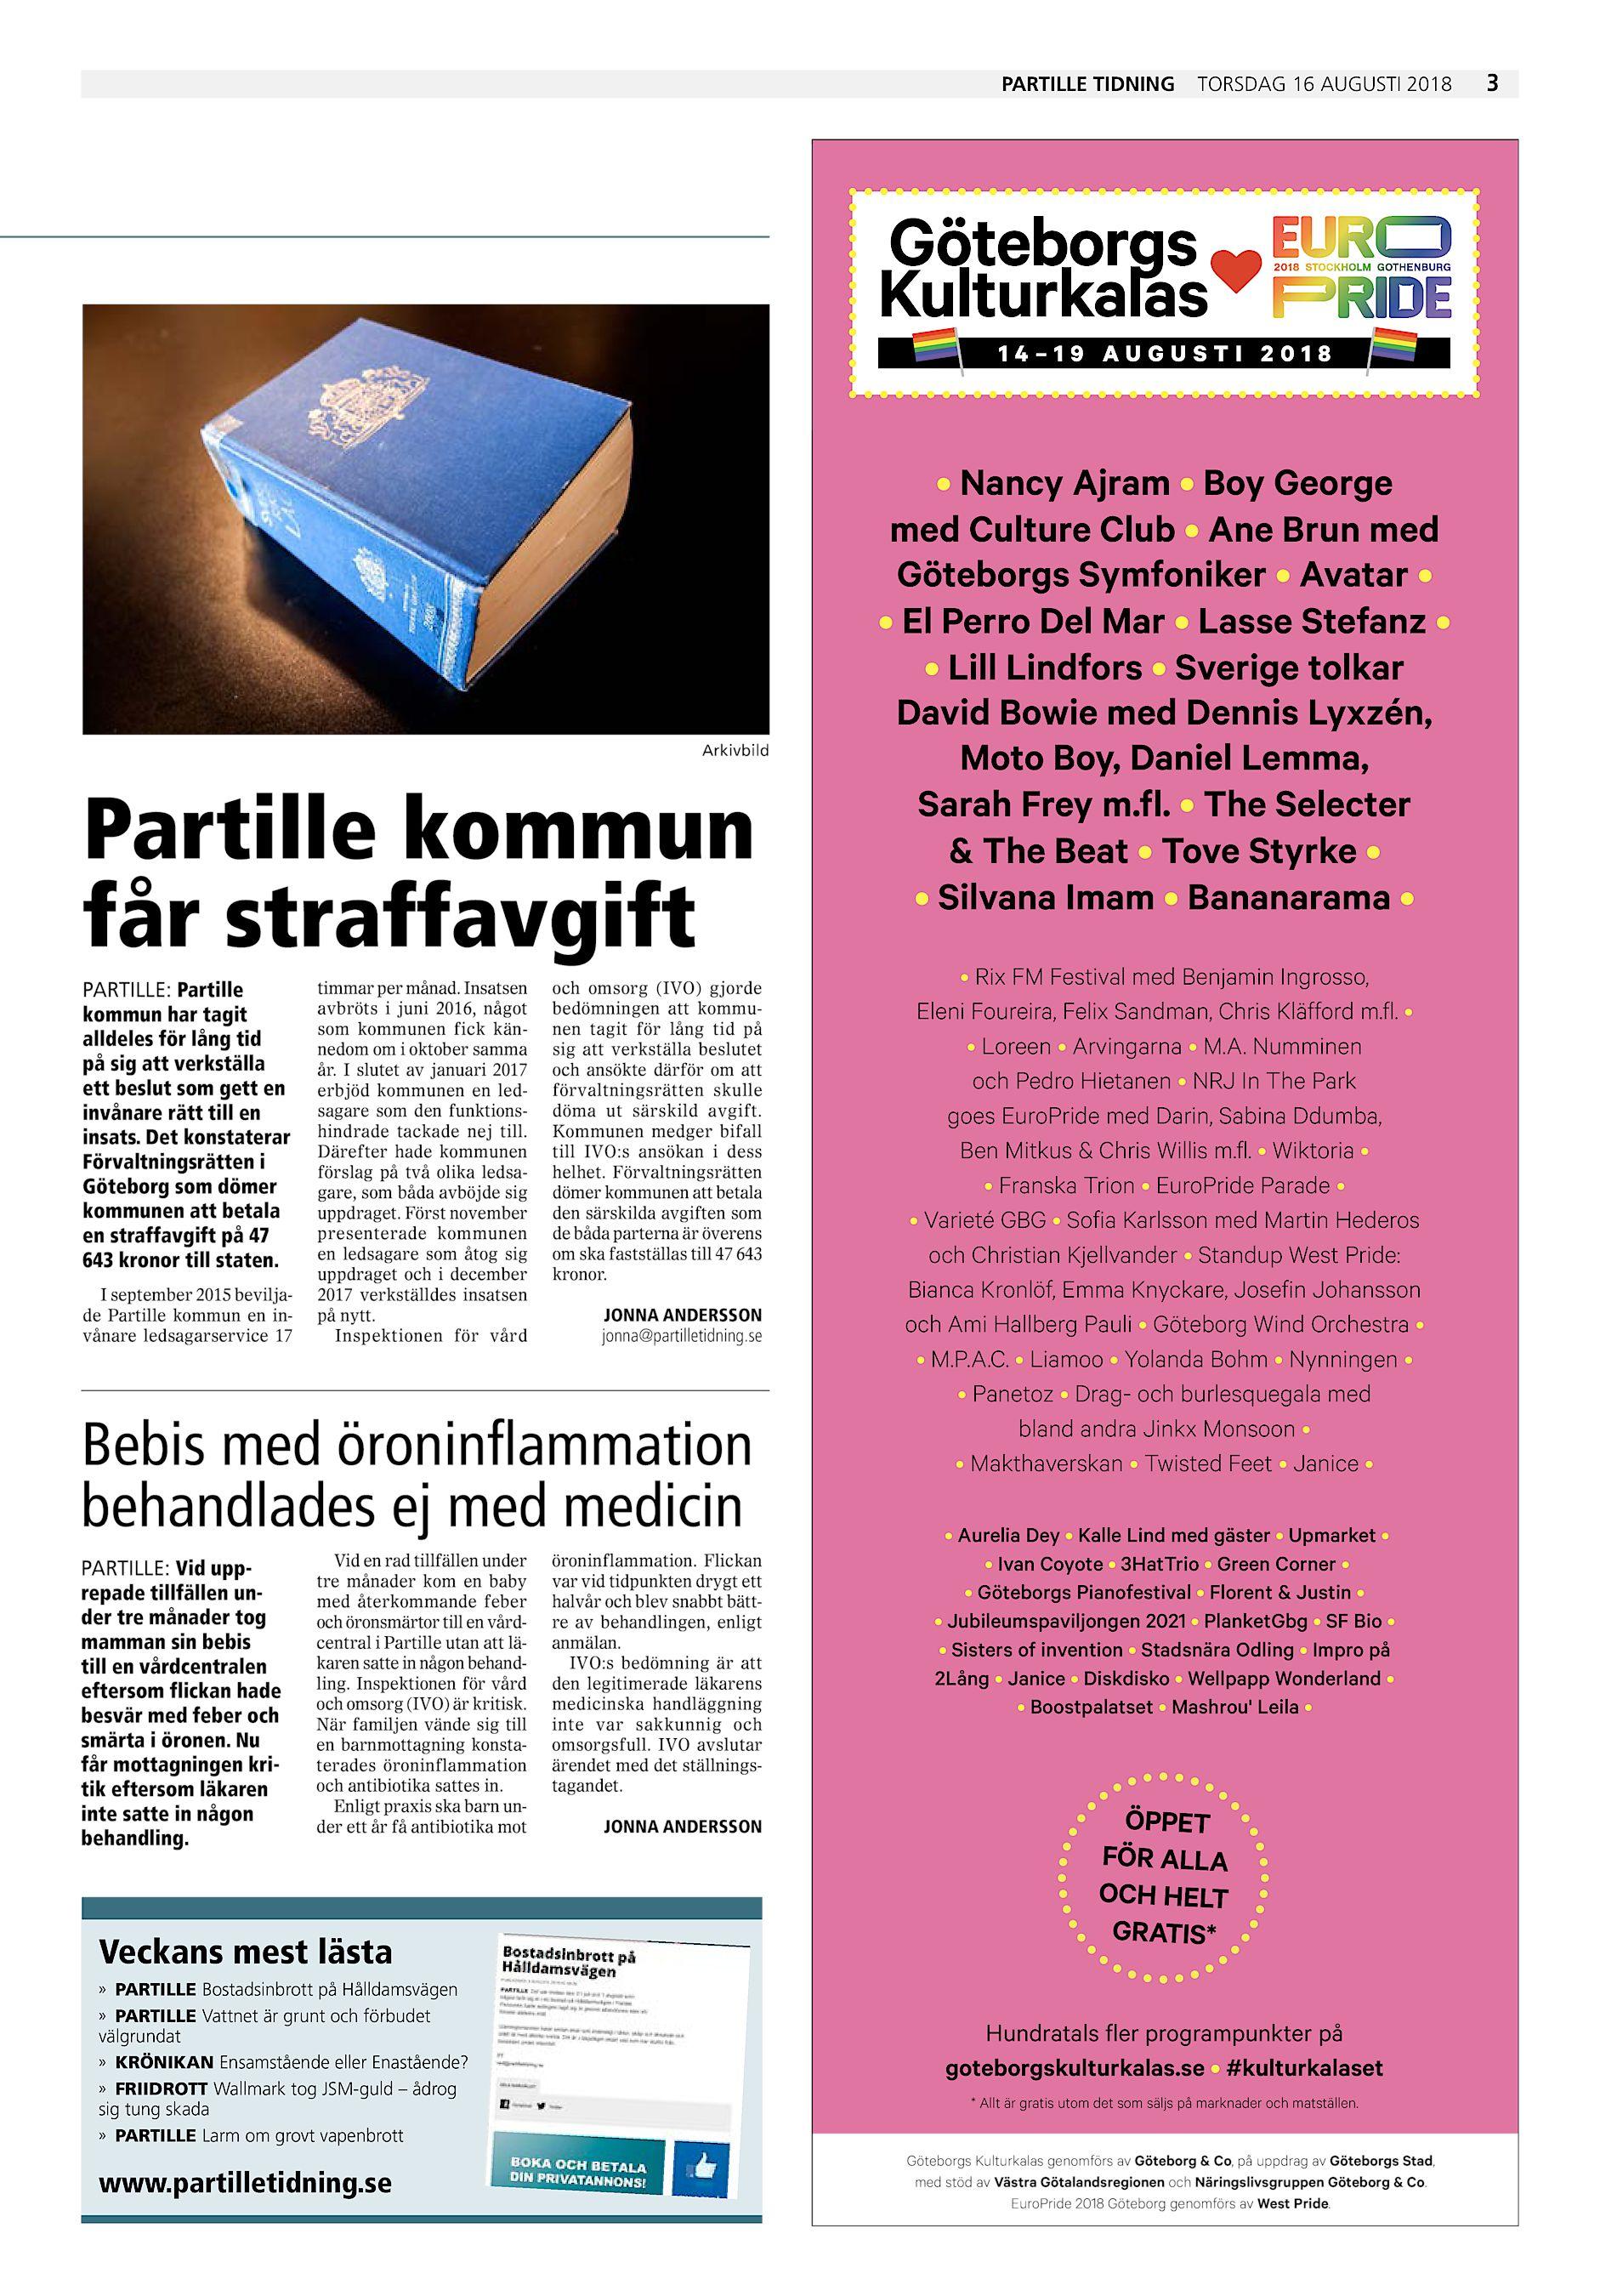 Dejting Eskilstuna | Hitta krleken bland singelfrldrar